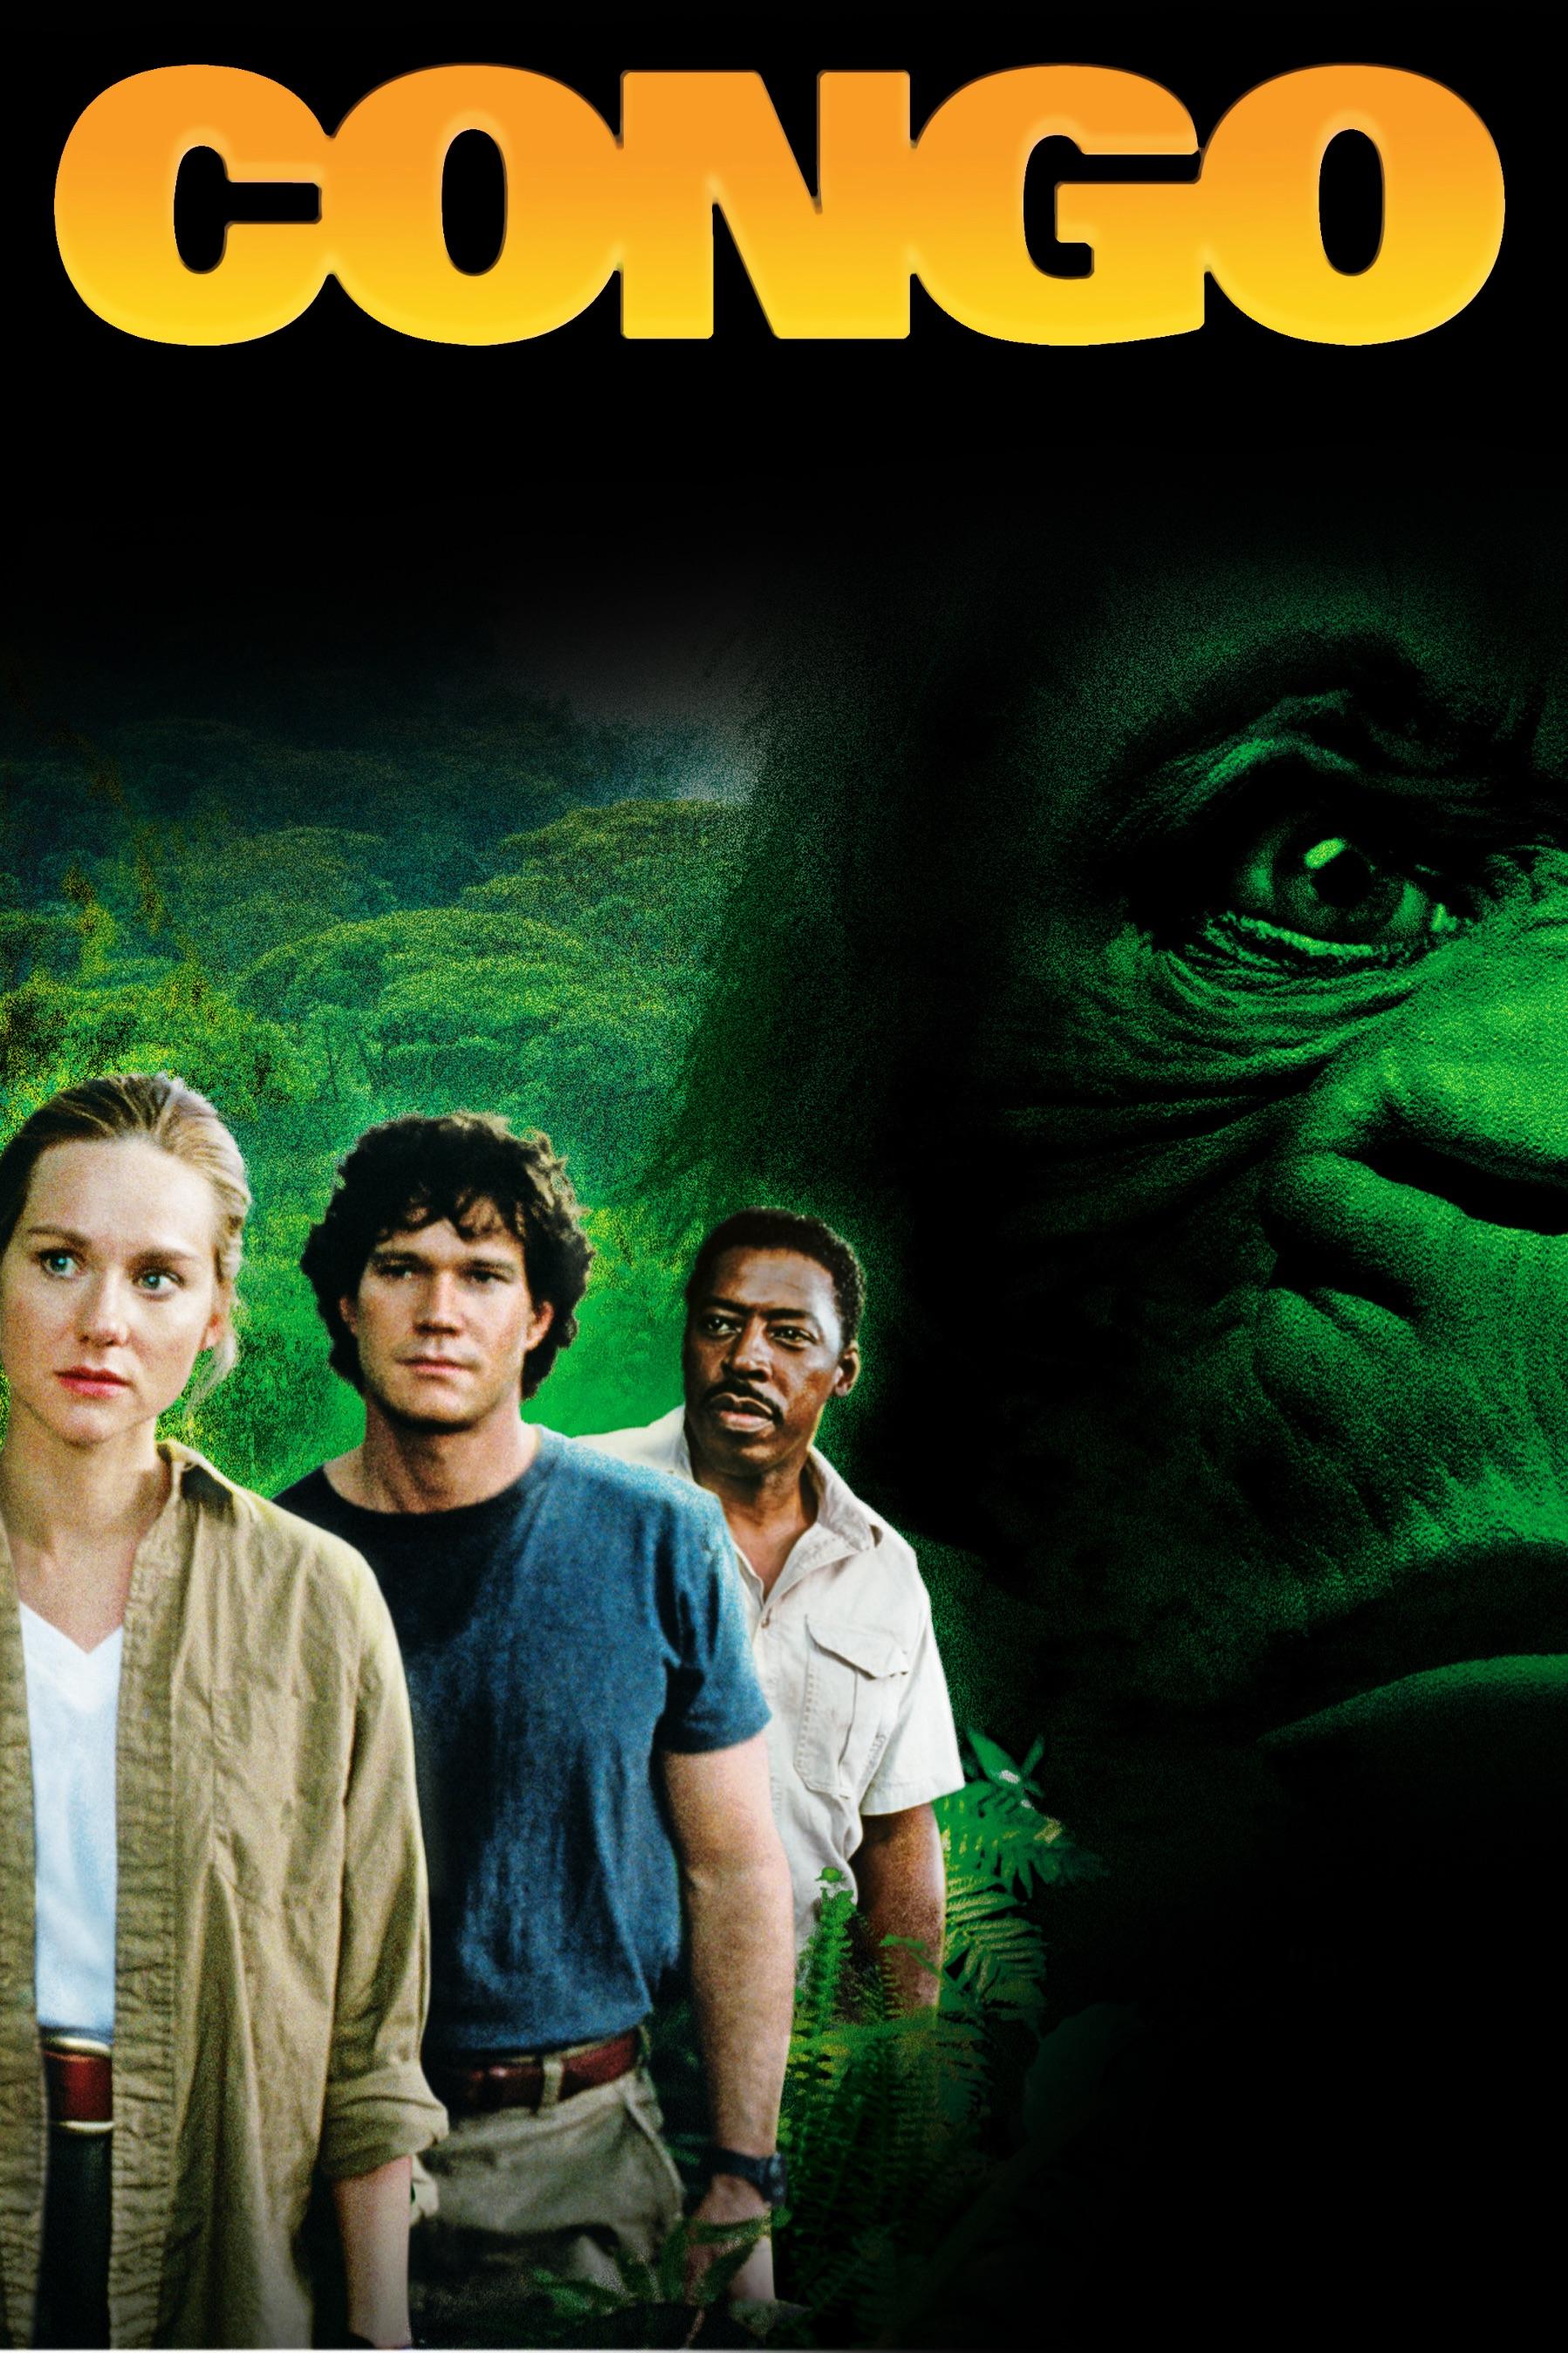 Congo Film